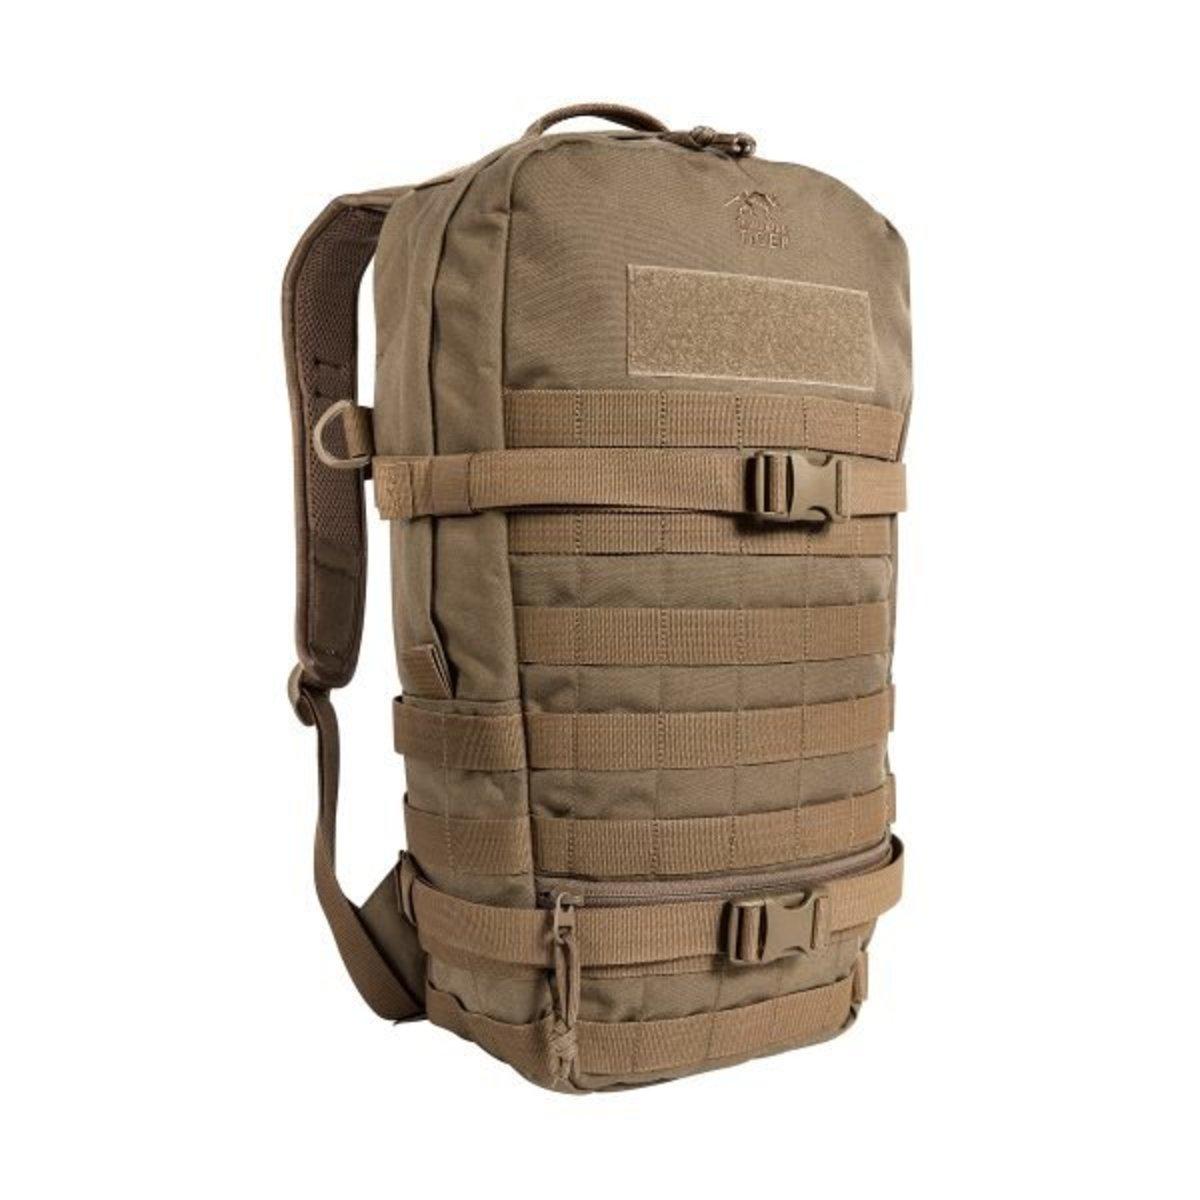 TT Essential Pack L MK II Coyote Brown